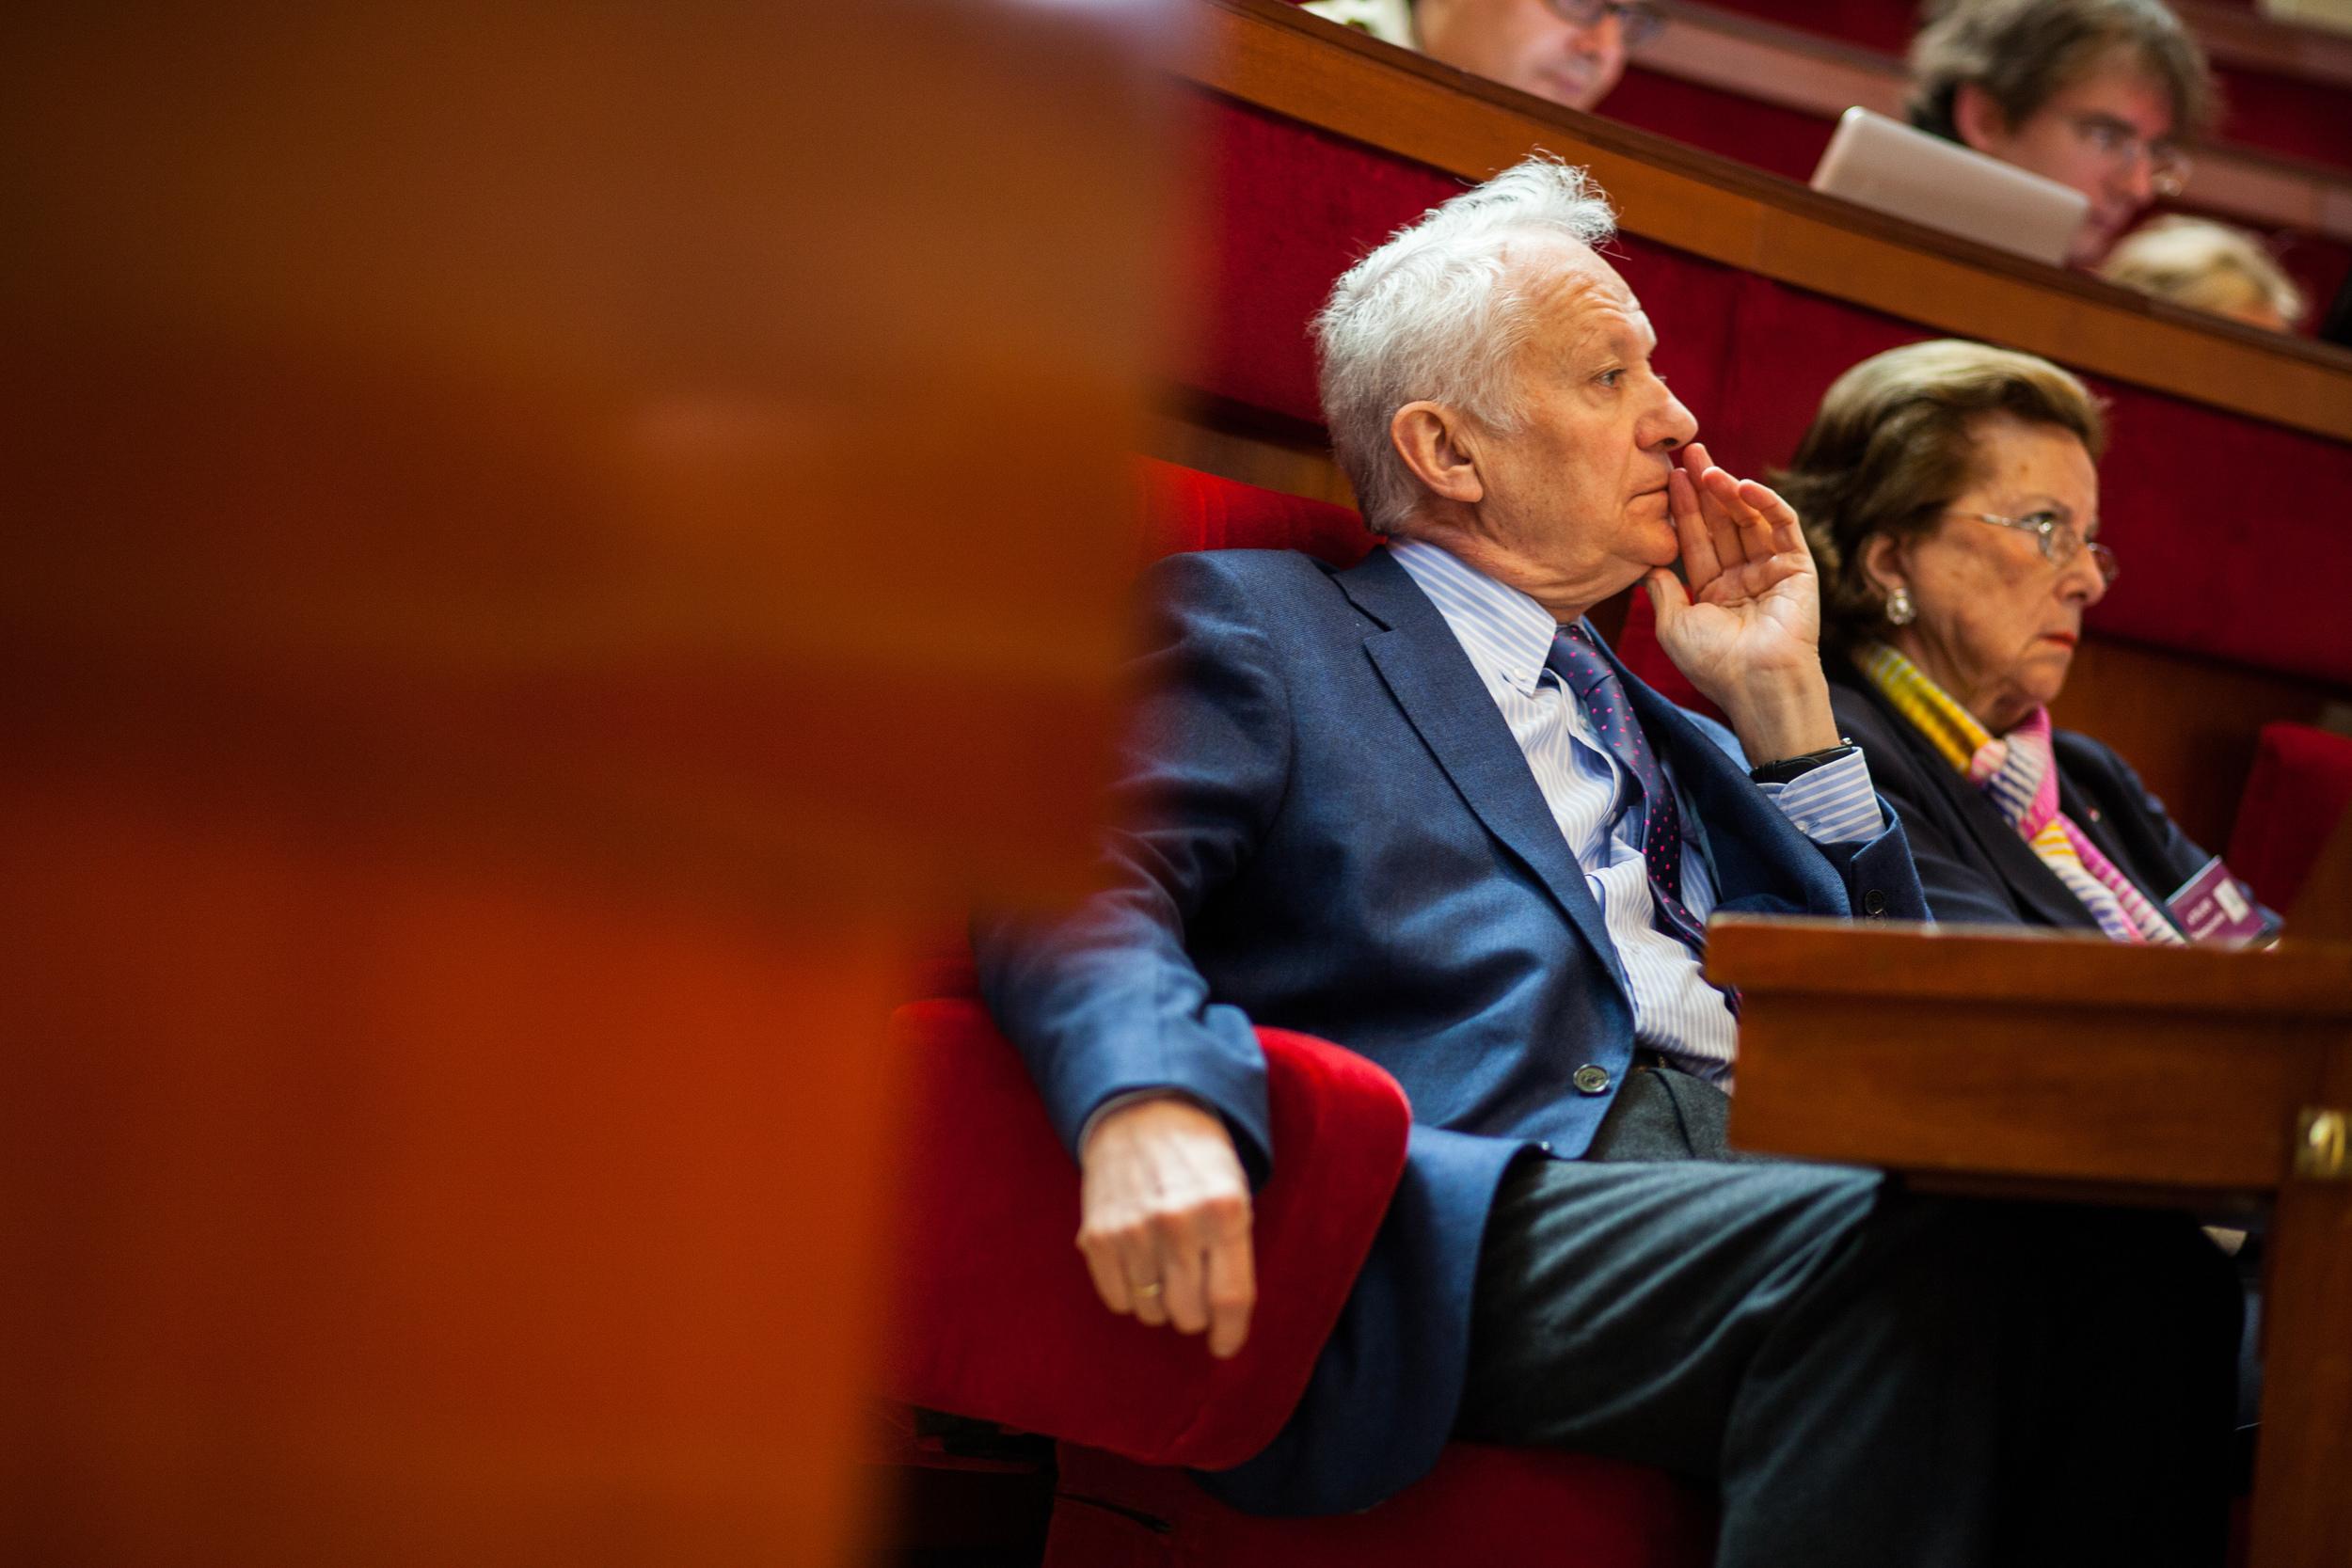 Jean-Marie Cavada, président du Mouvement Européen - France, député européen et ancien directeur de Radio France.  Etats Généraux de l'Europe, Paris, mai 2014. Mouvement Européen - France & Think Tank Europa Nova